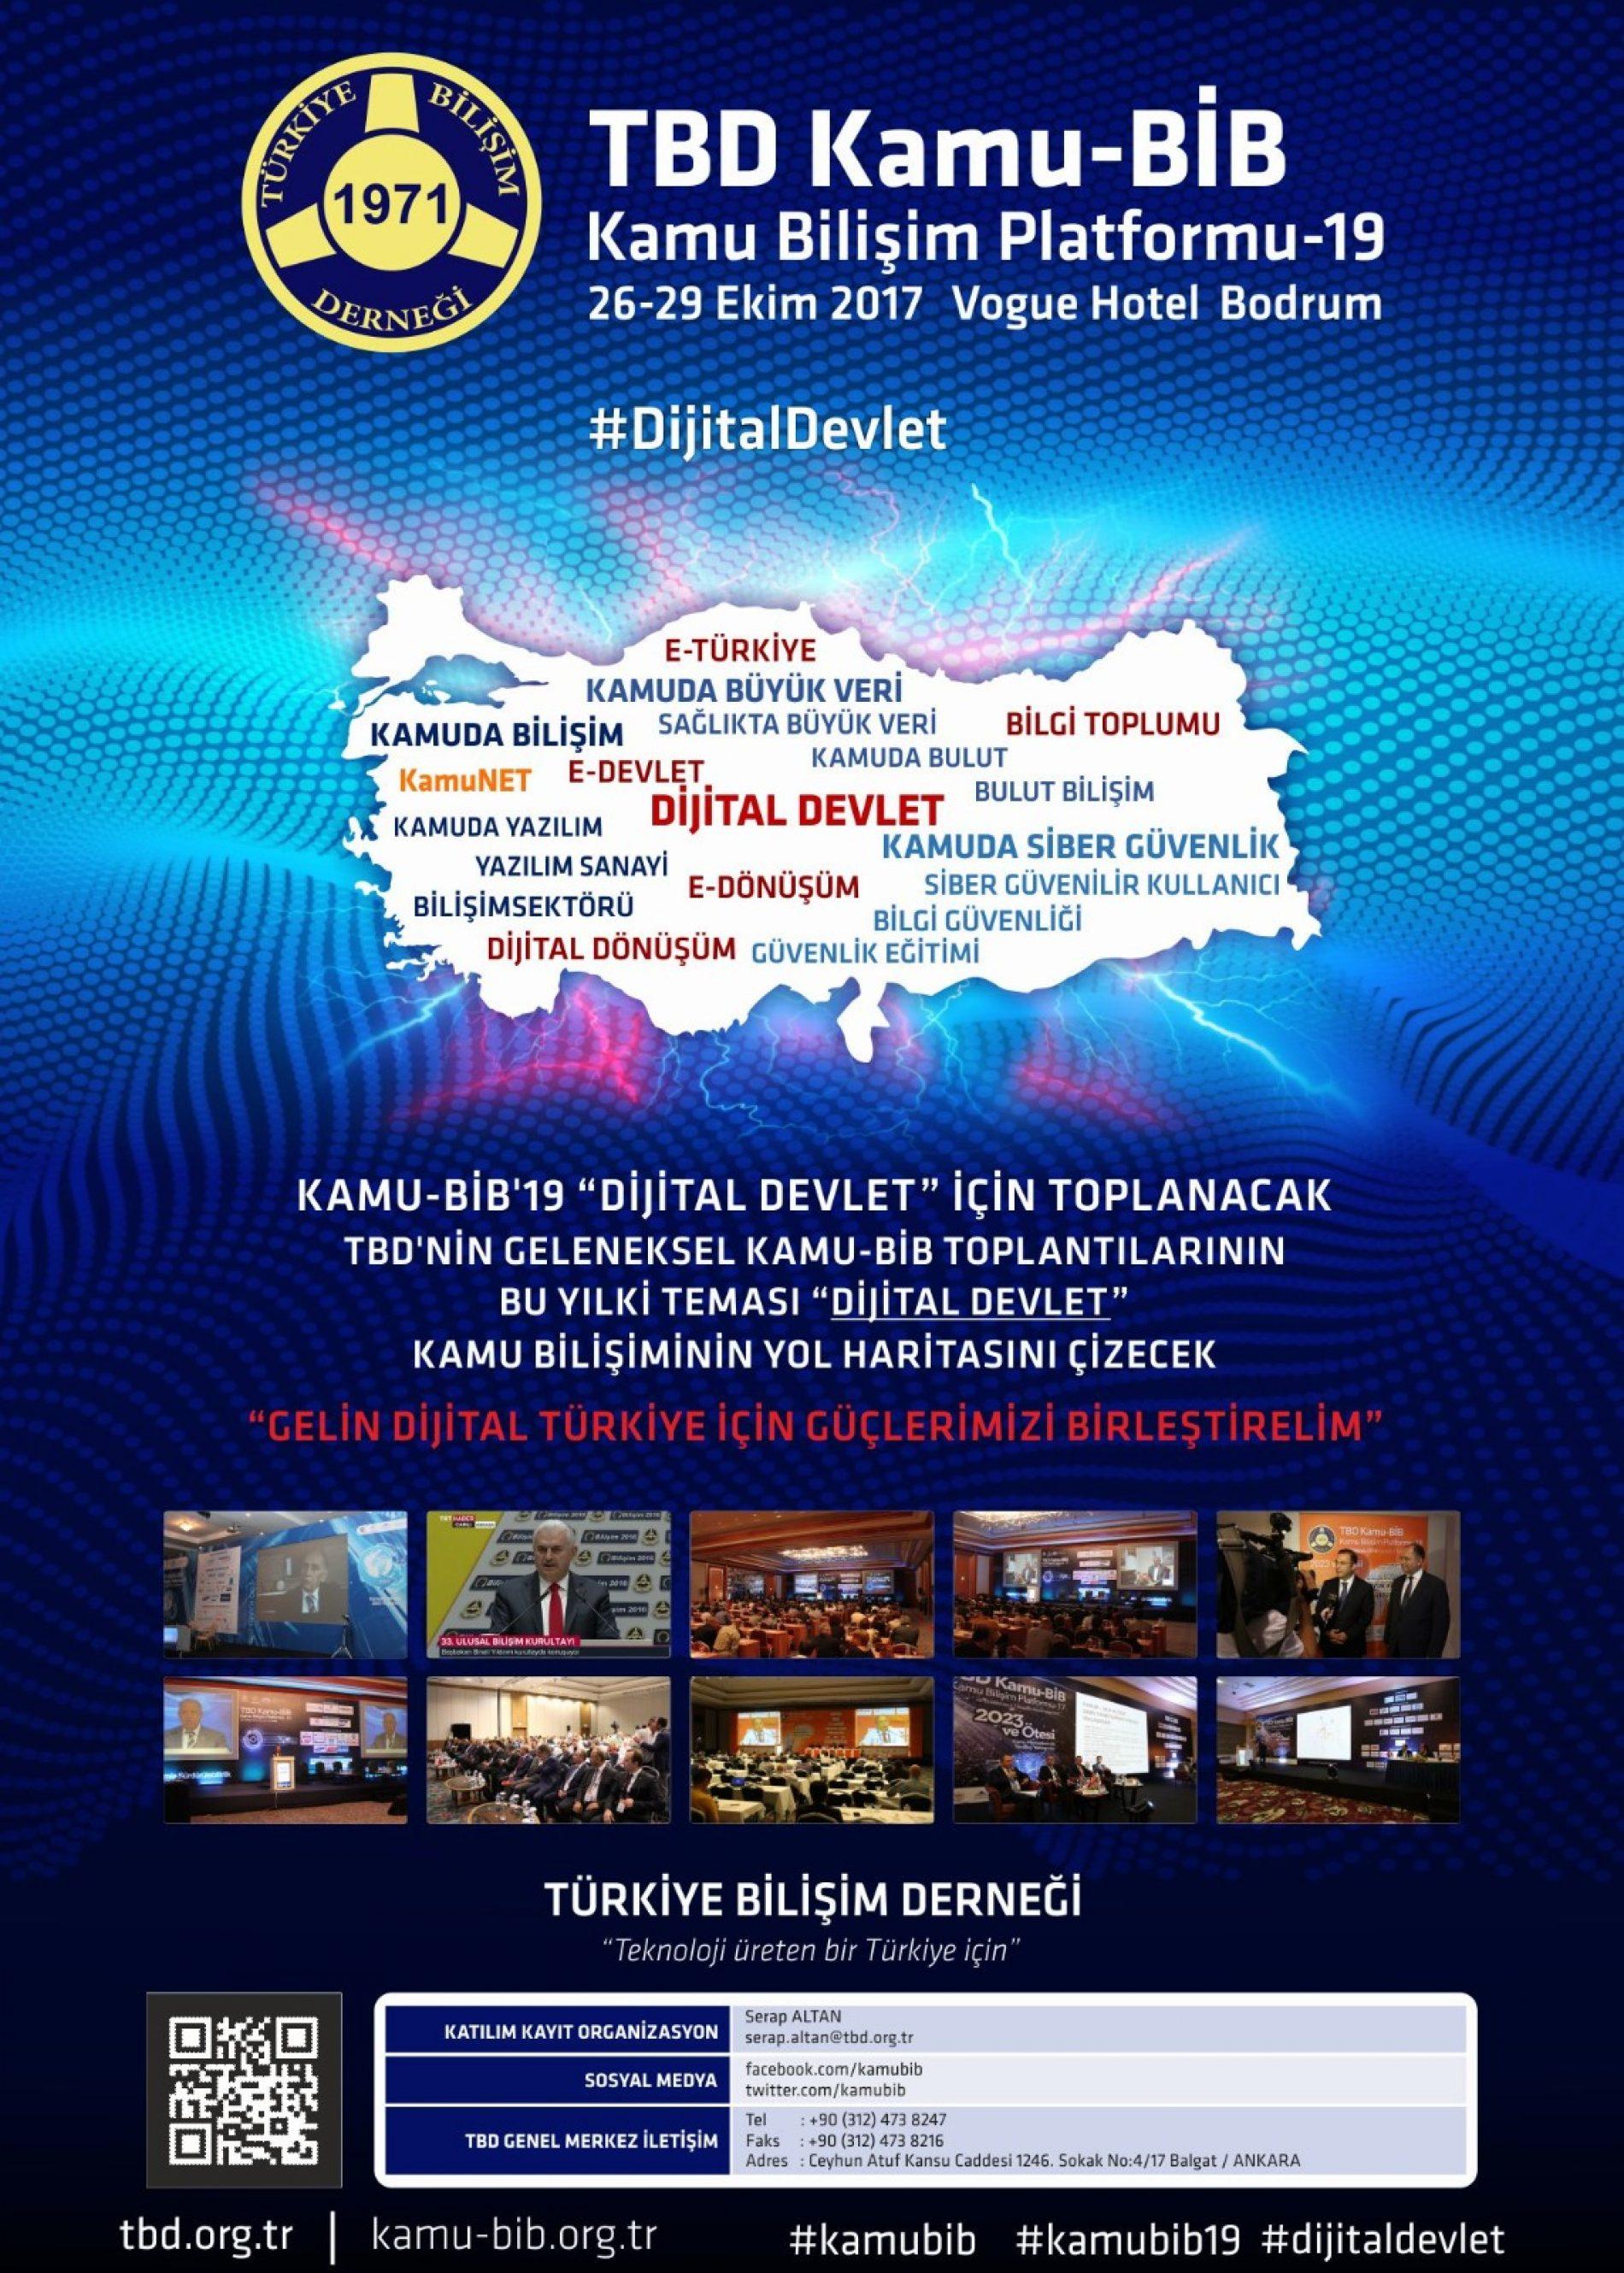 """KAMU-BİB'19 """"DİJİTAL DEVLET"""" İÇİN TOPLANIYOR"""